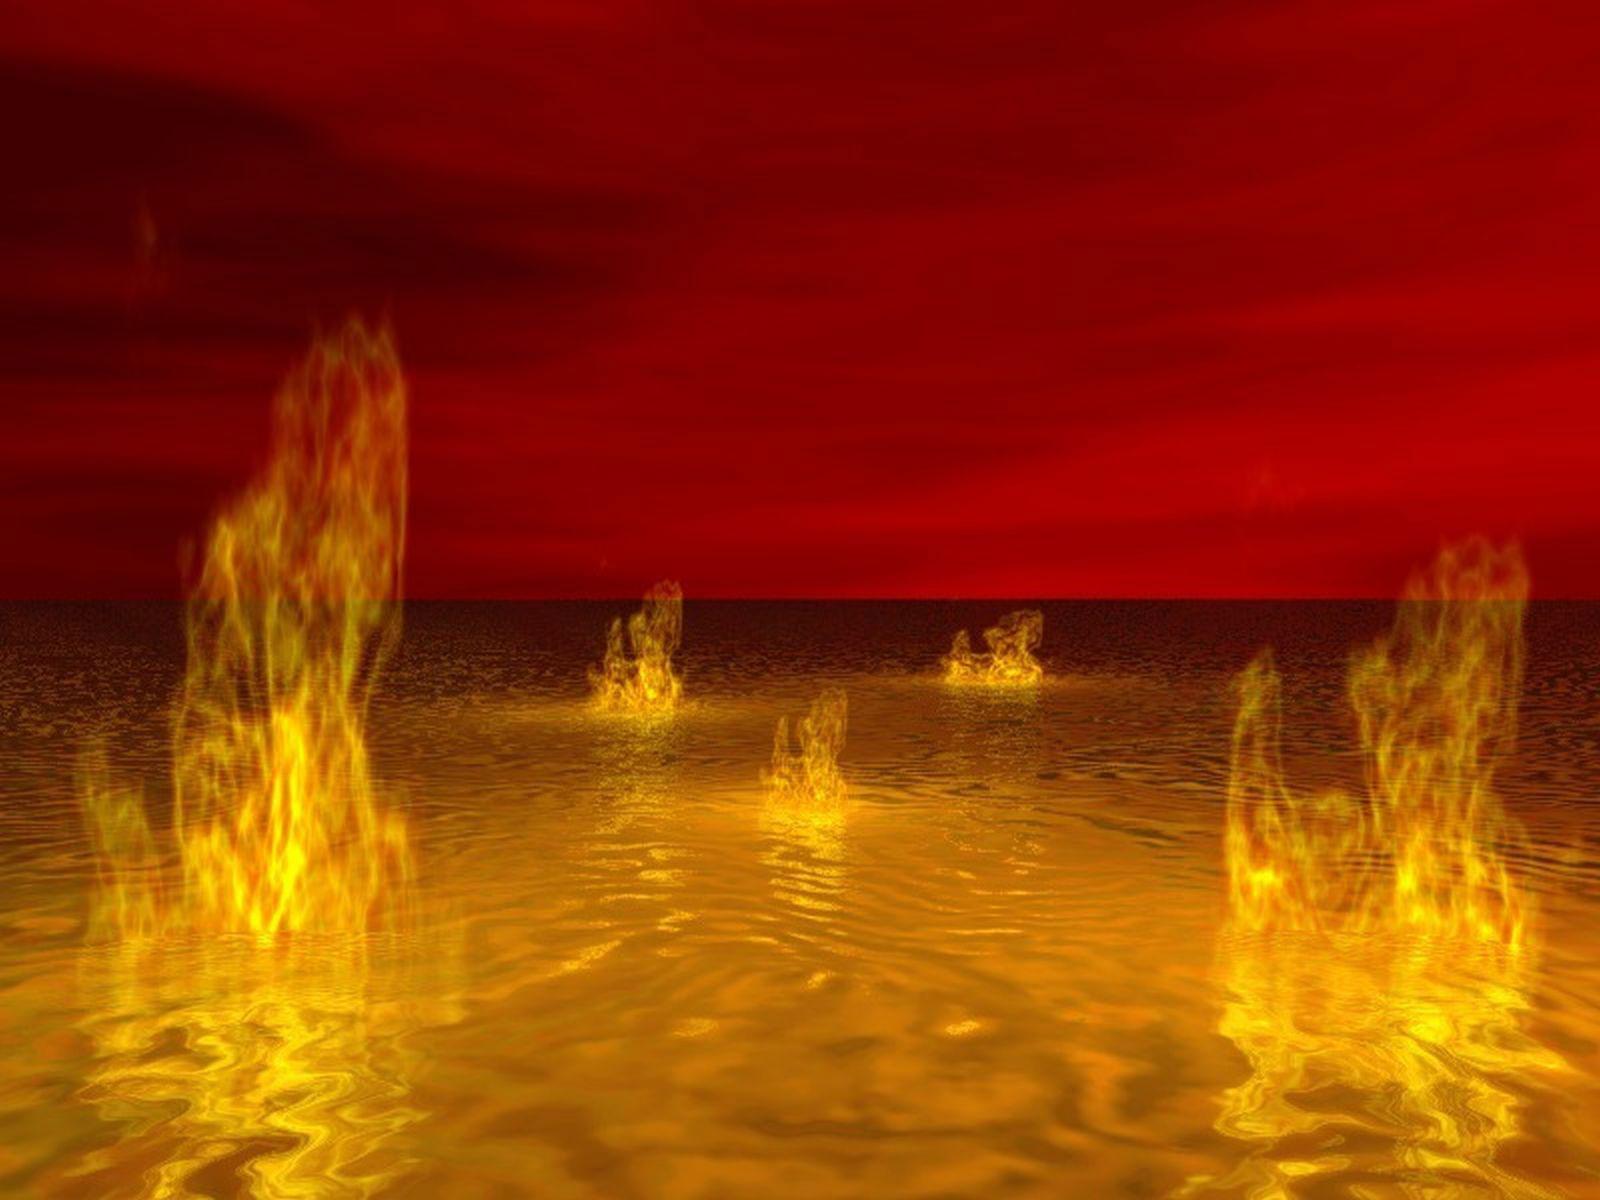 Fire lake web paw creek ministries